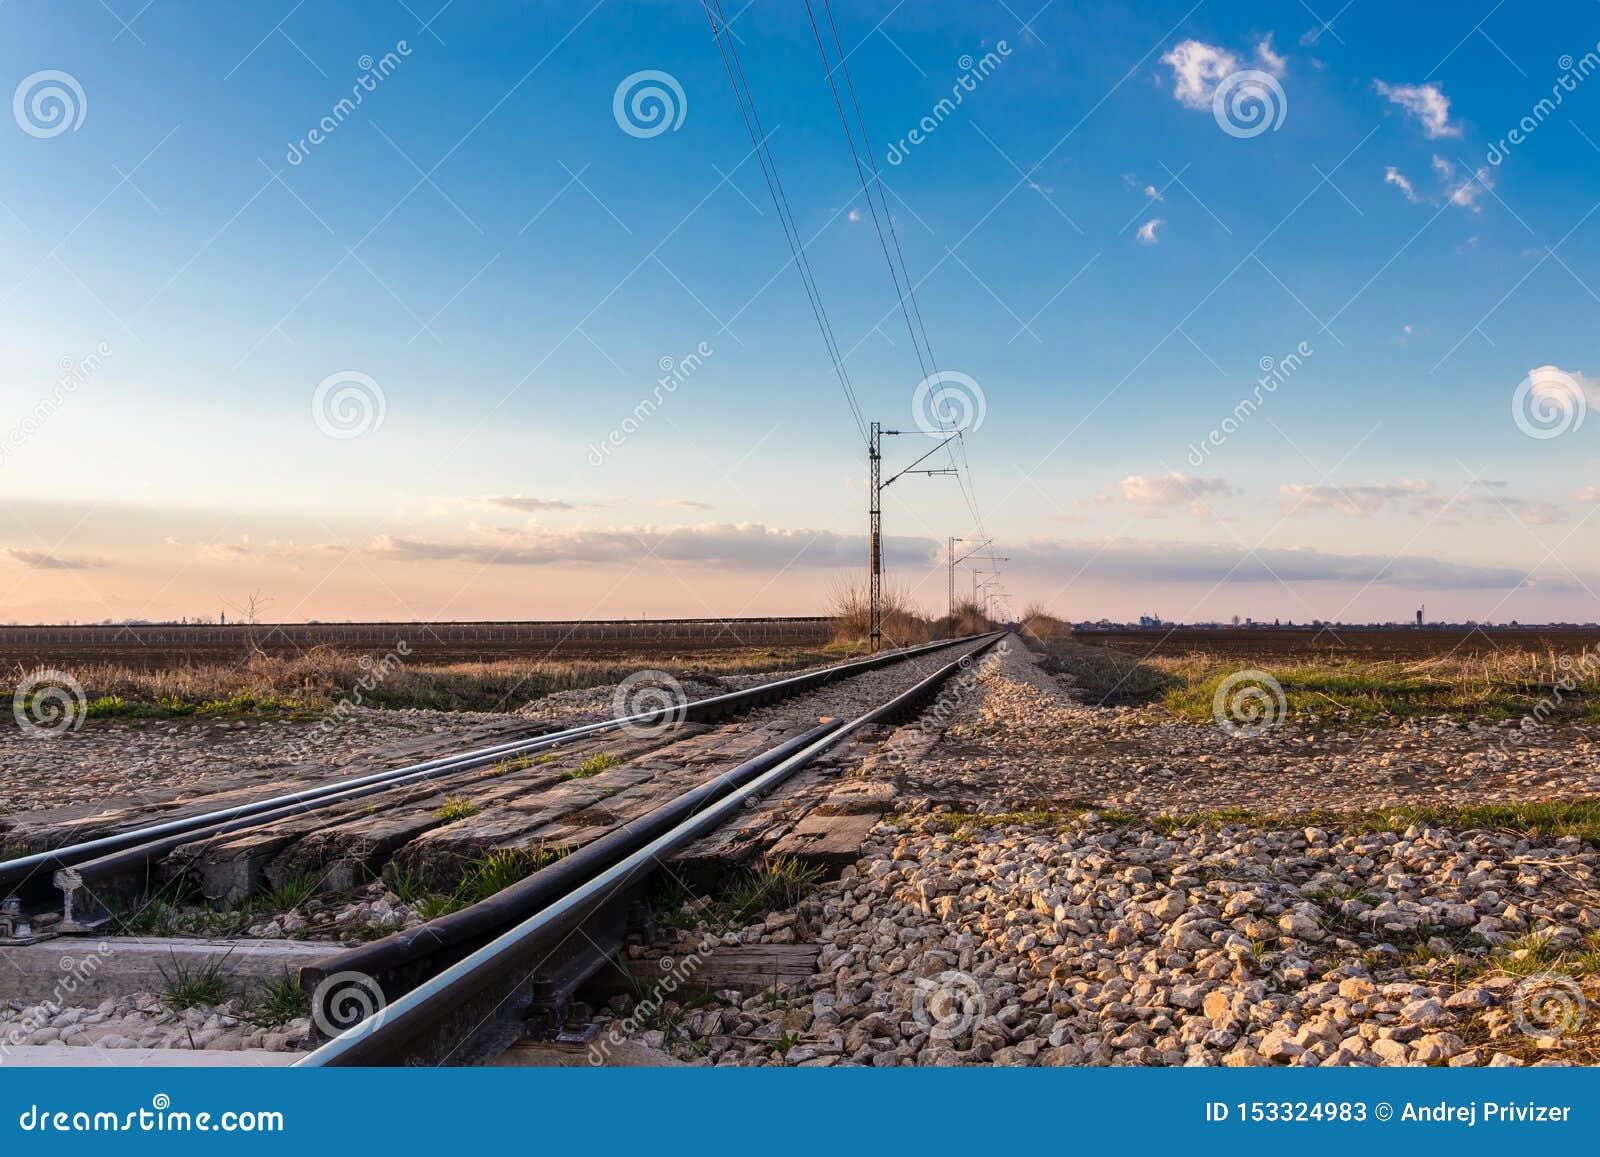 Railway crossing near Novi Sad in March, Serbia